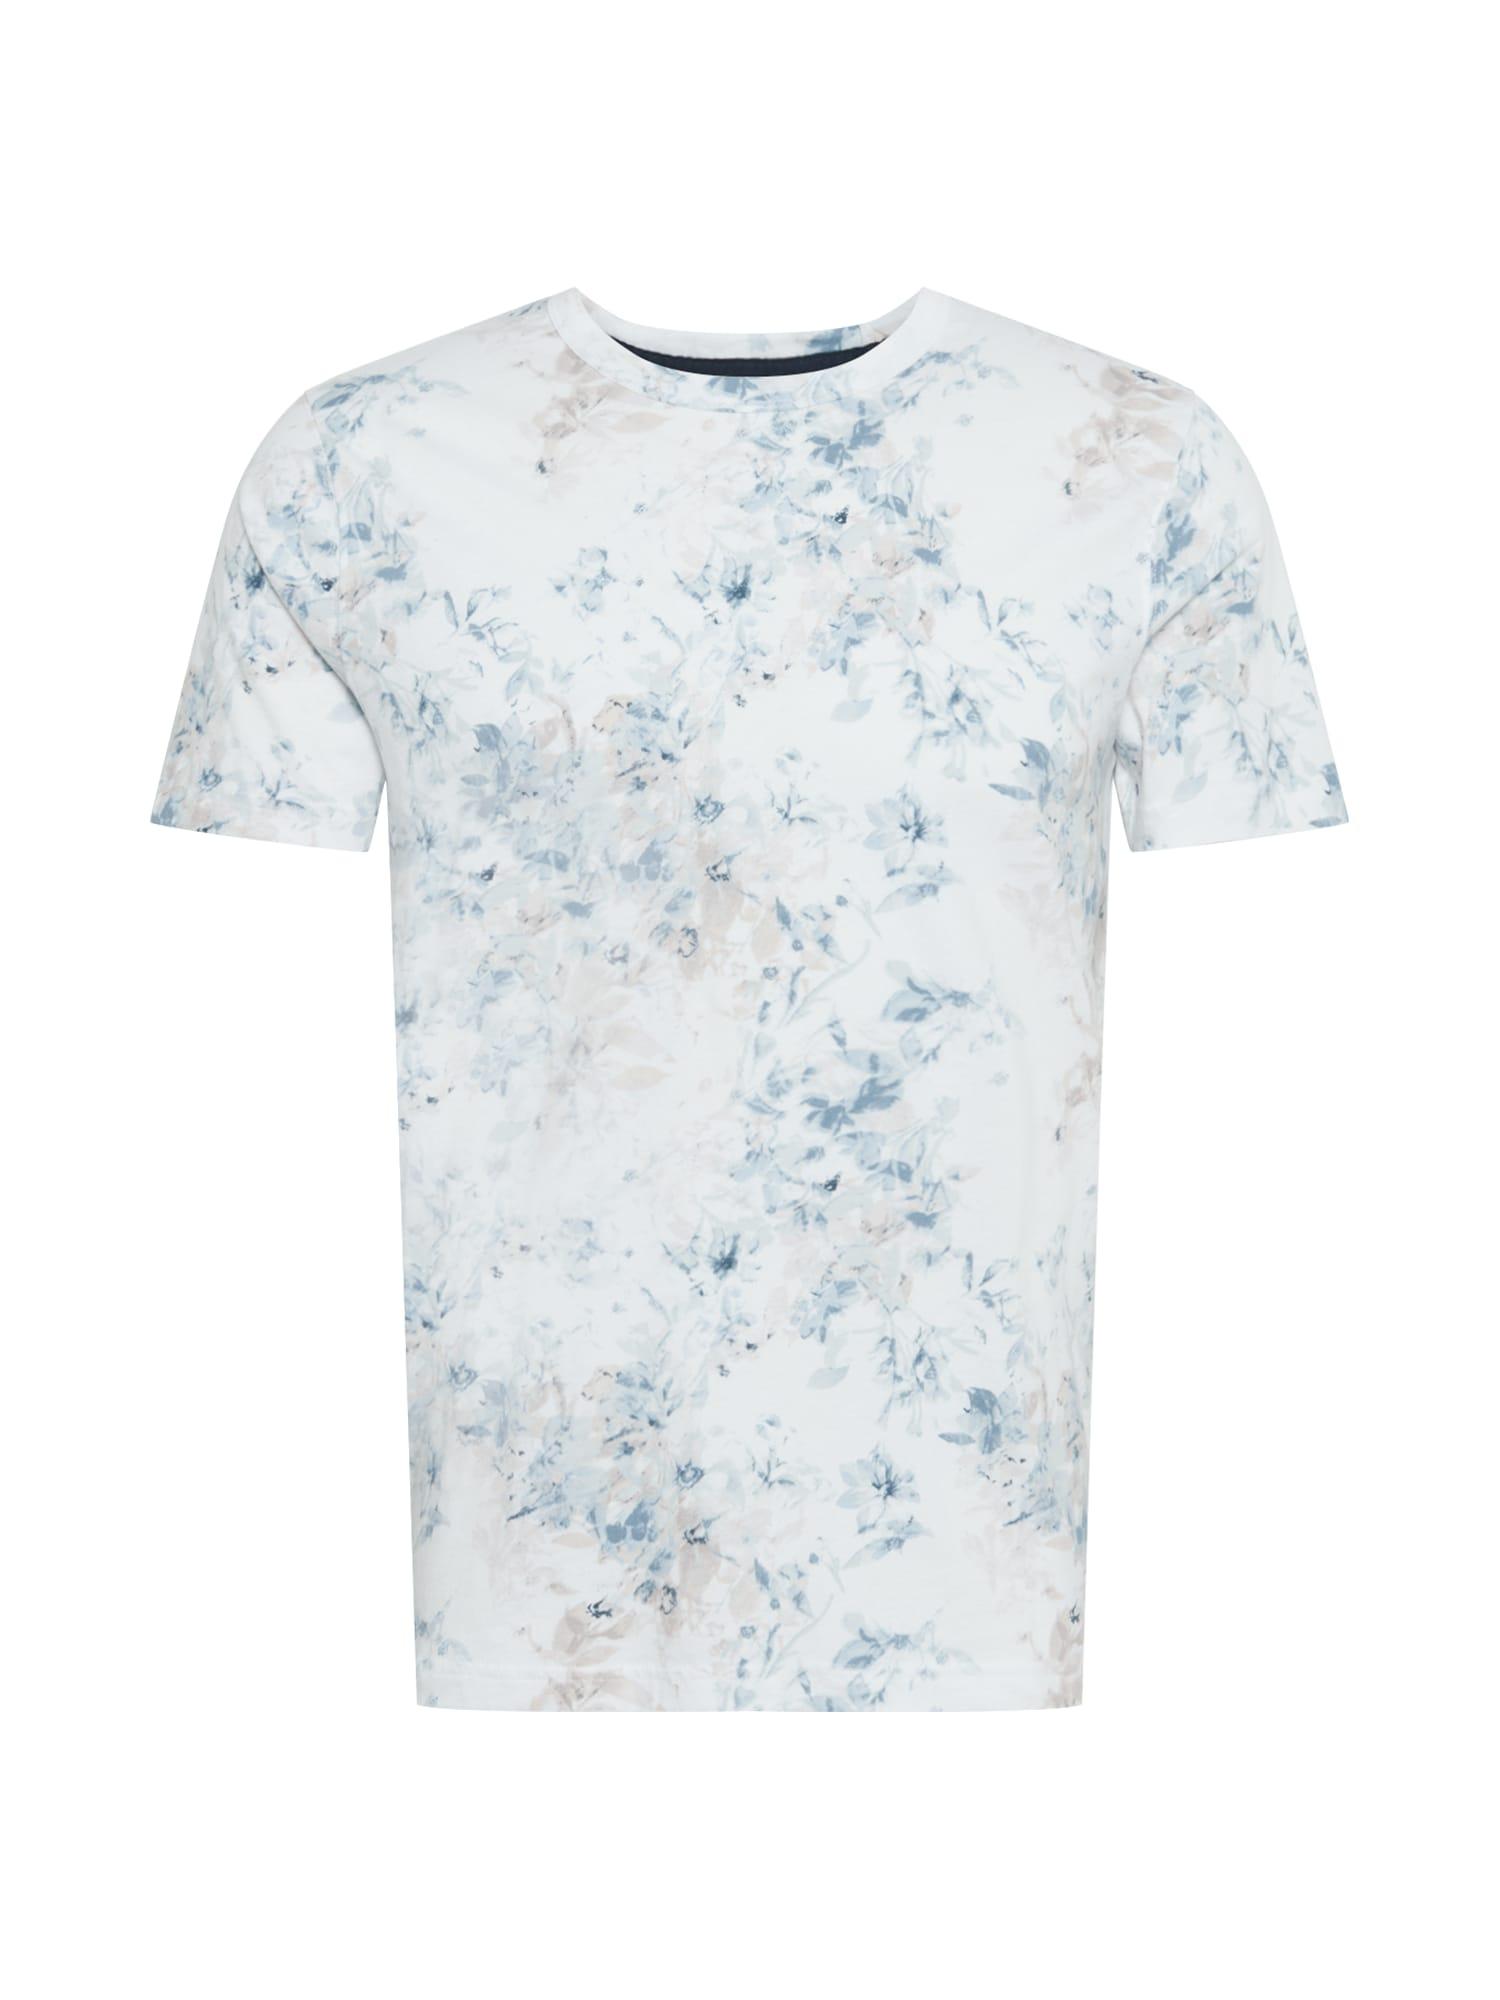 Abercrombie & Fitch Marškinėliai balta / mėlyna dūmų spalva / azuro / smėlio